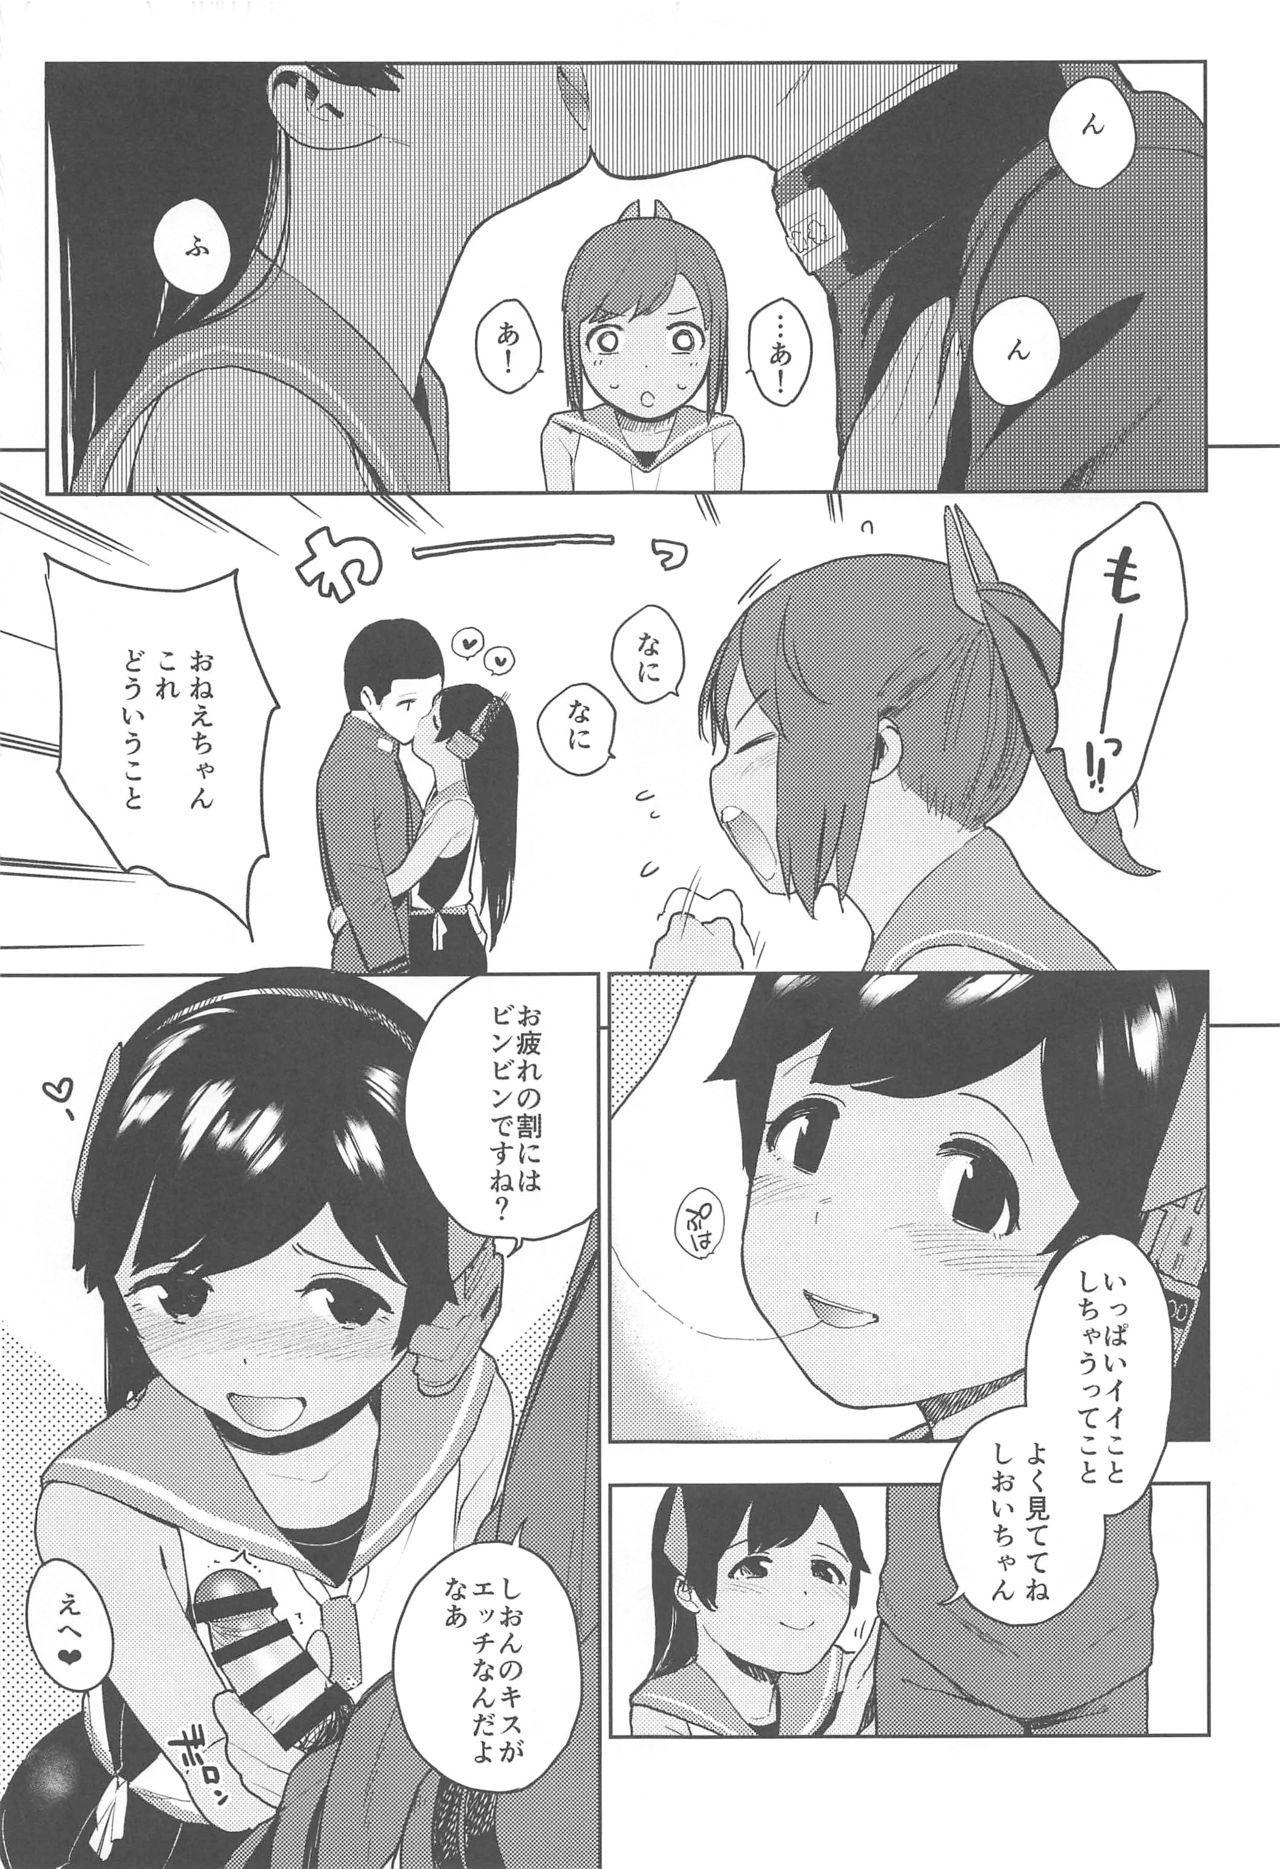 (COMIC1☆13) [Sashimi no Wife (Shiden)] I-400-gata no Himitsu (Kantai Collection -KanColle-) 11